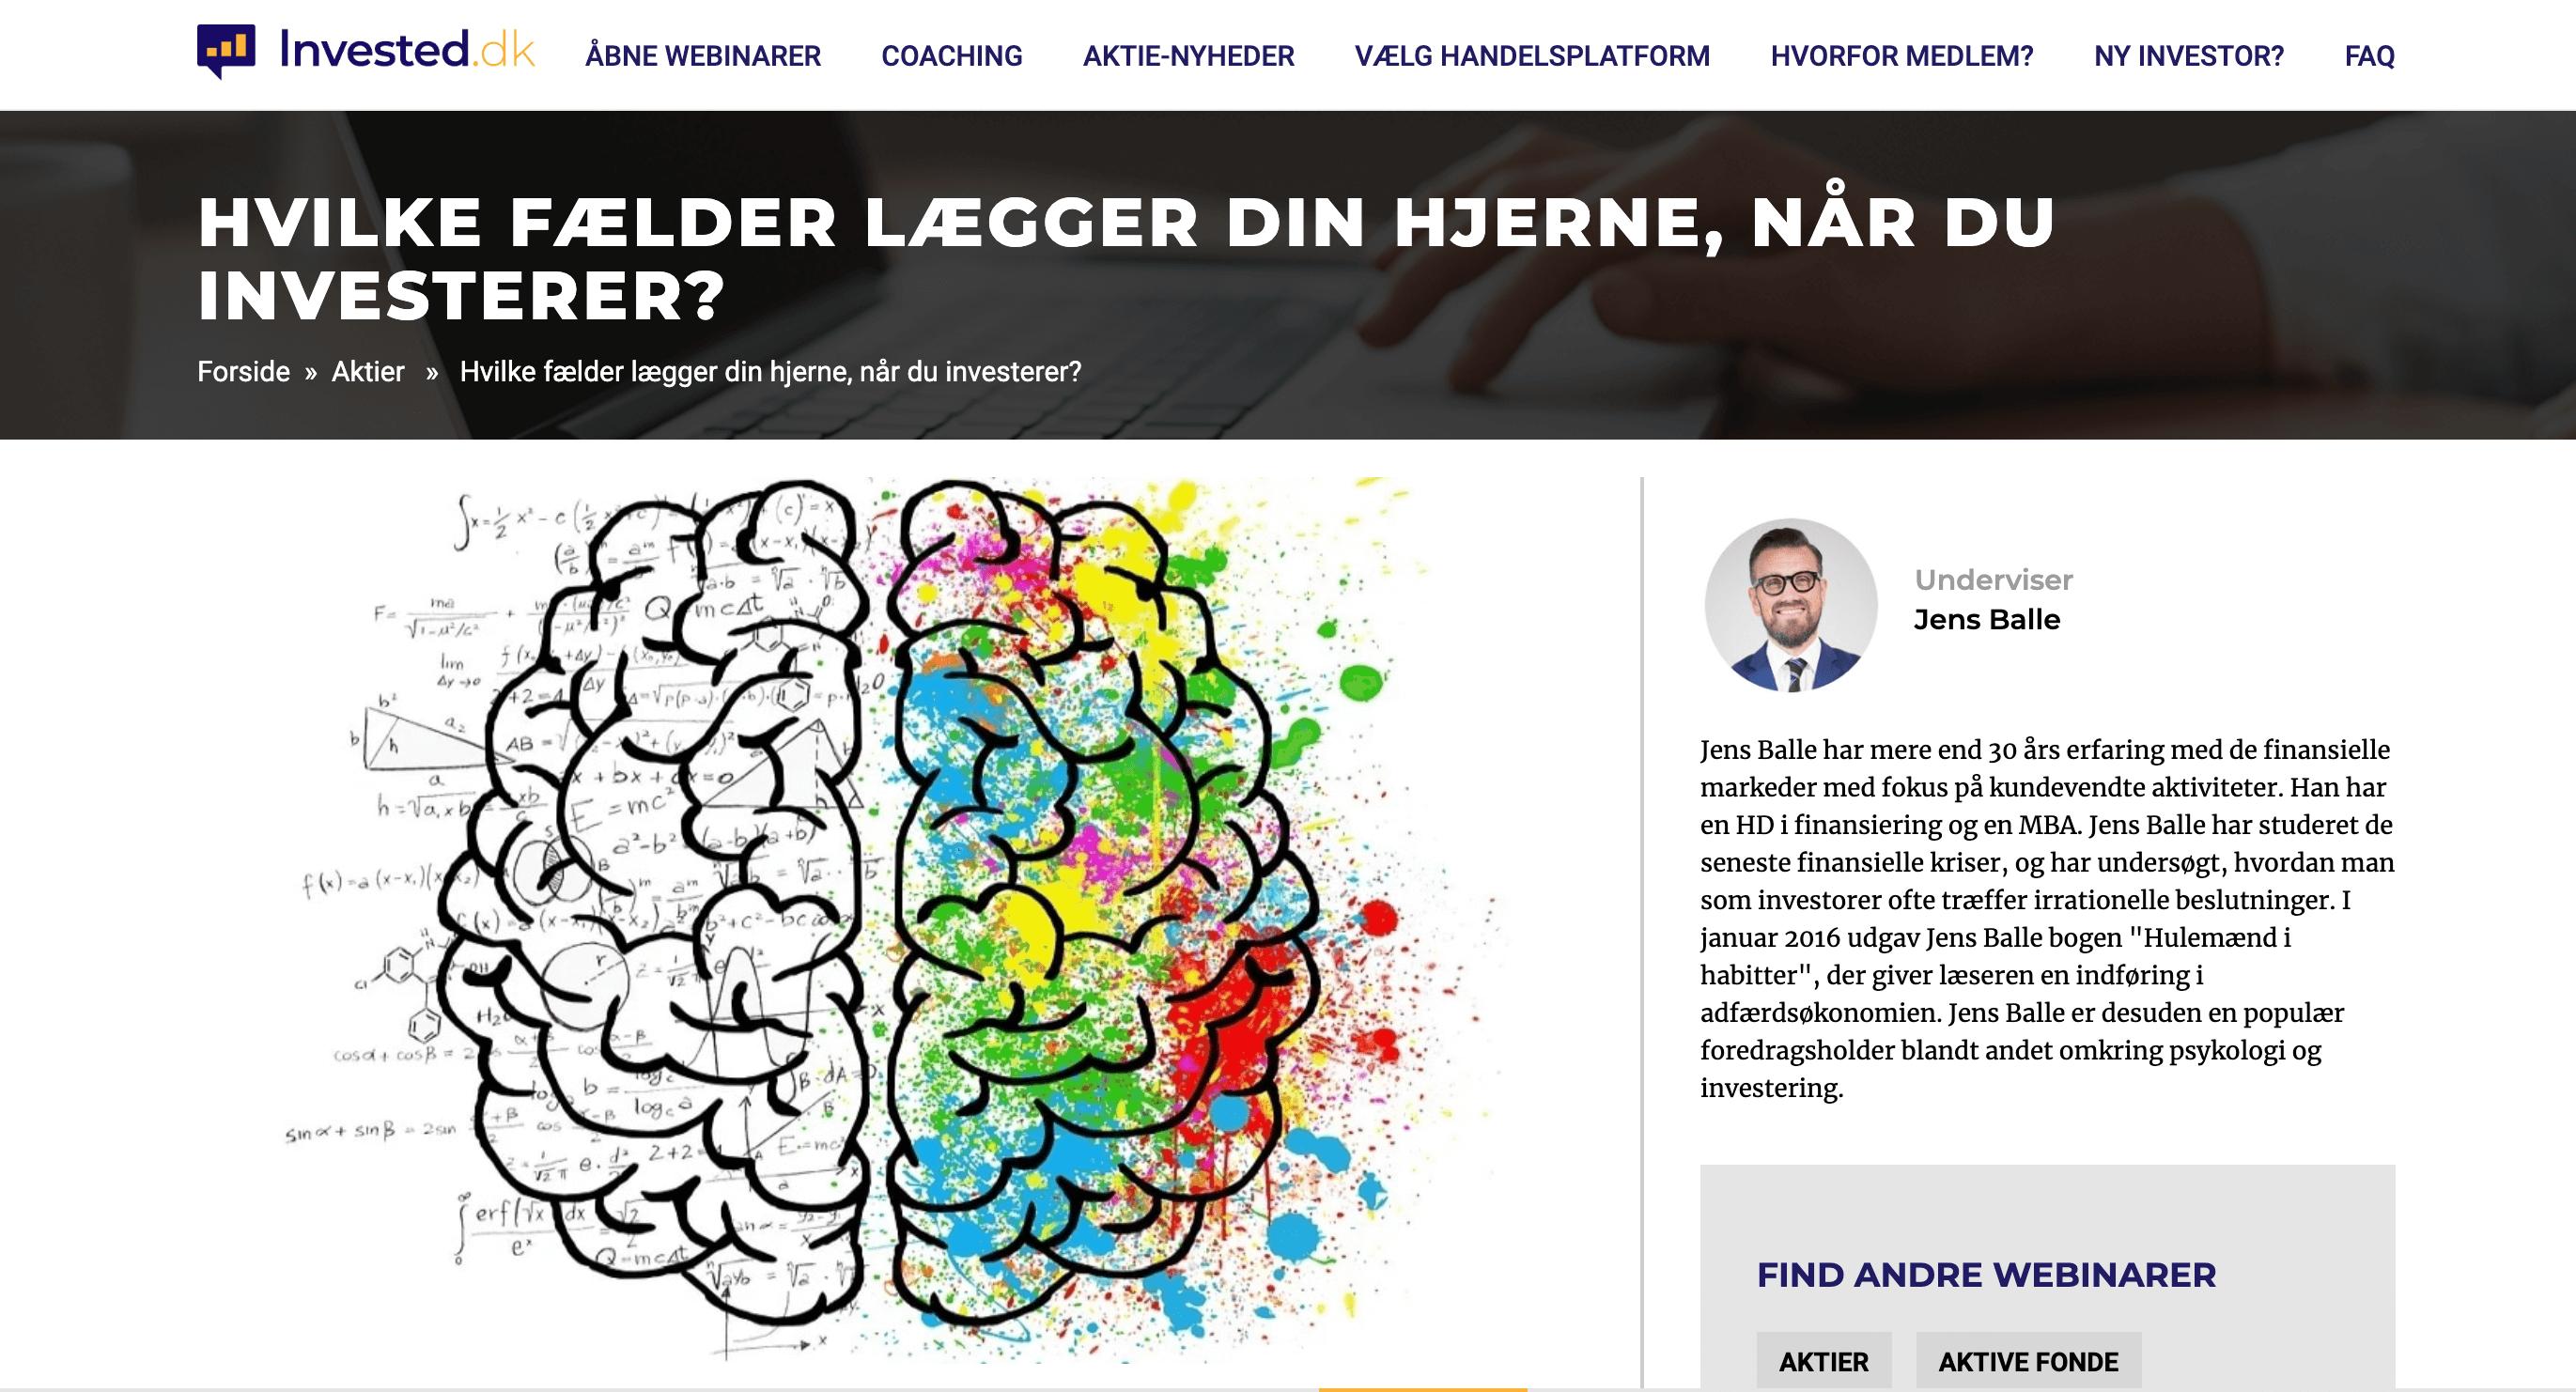 Investorpsykologi på invested.dk – GRATIS